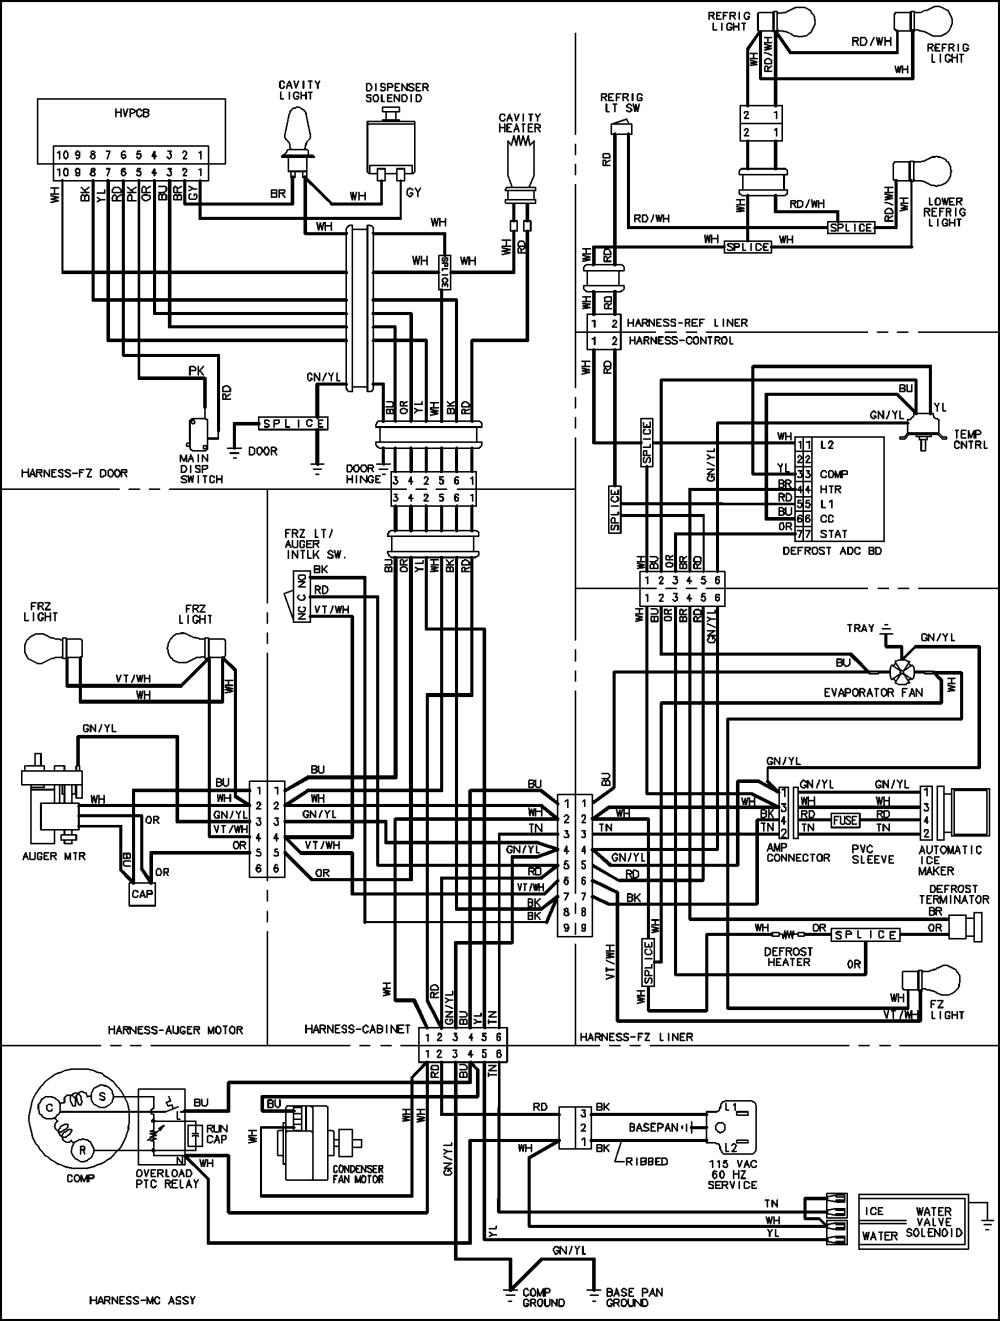 medium resolution of maytag dishwasher wiring diagram wiring diagram blog rh 22 fuerstliche weine de maytag dishwasher circuit diagram maytag wiring schematics